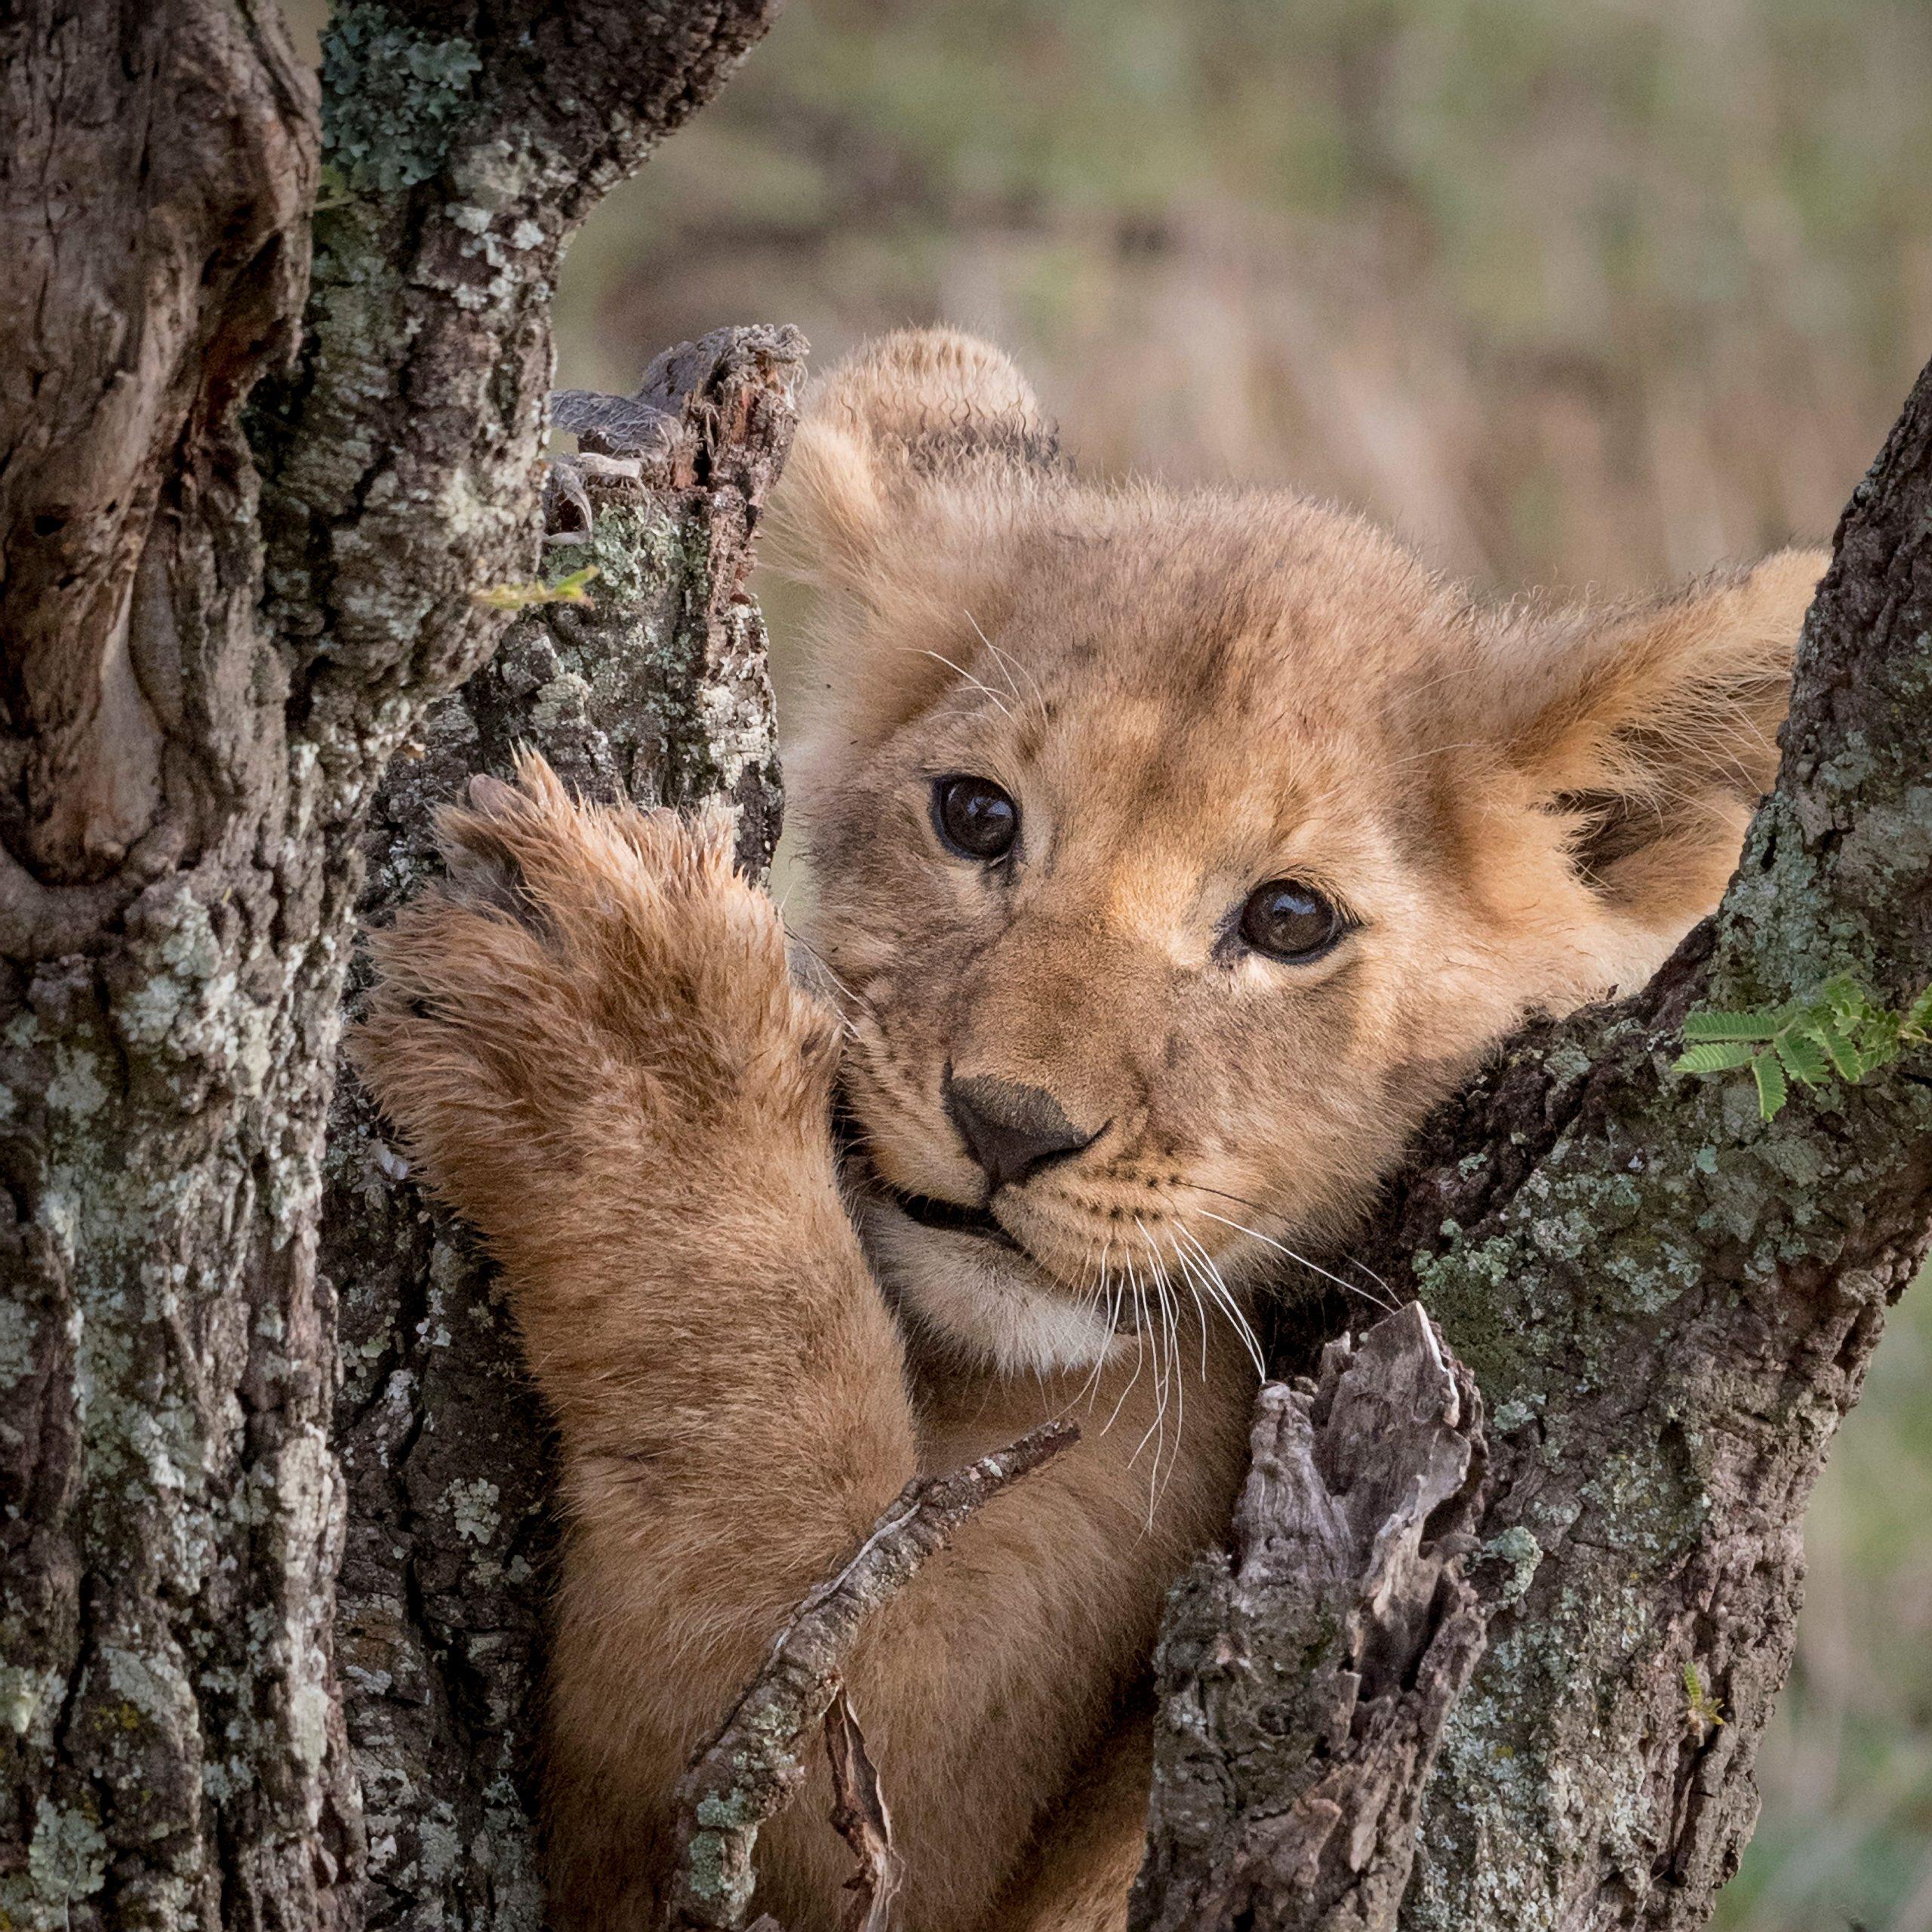 Löwenjunge im Baum